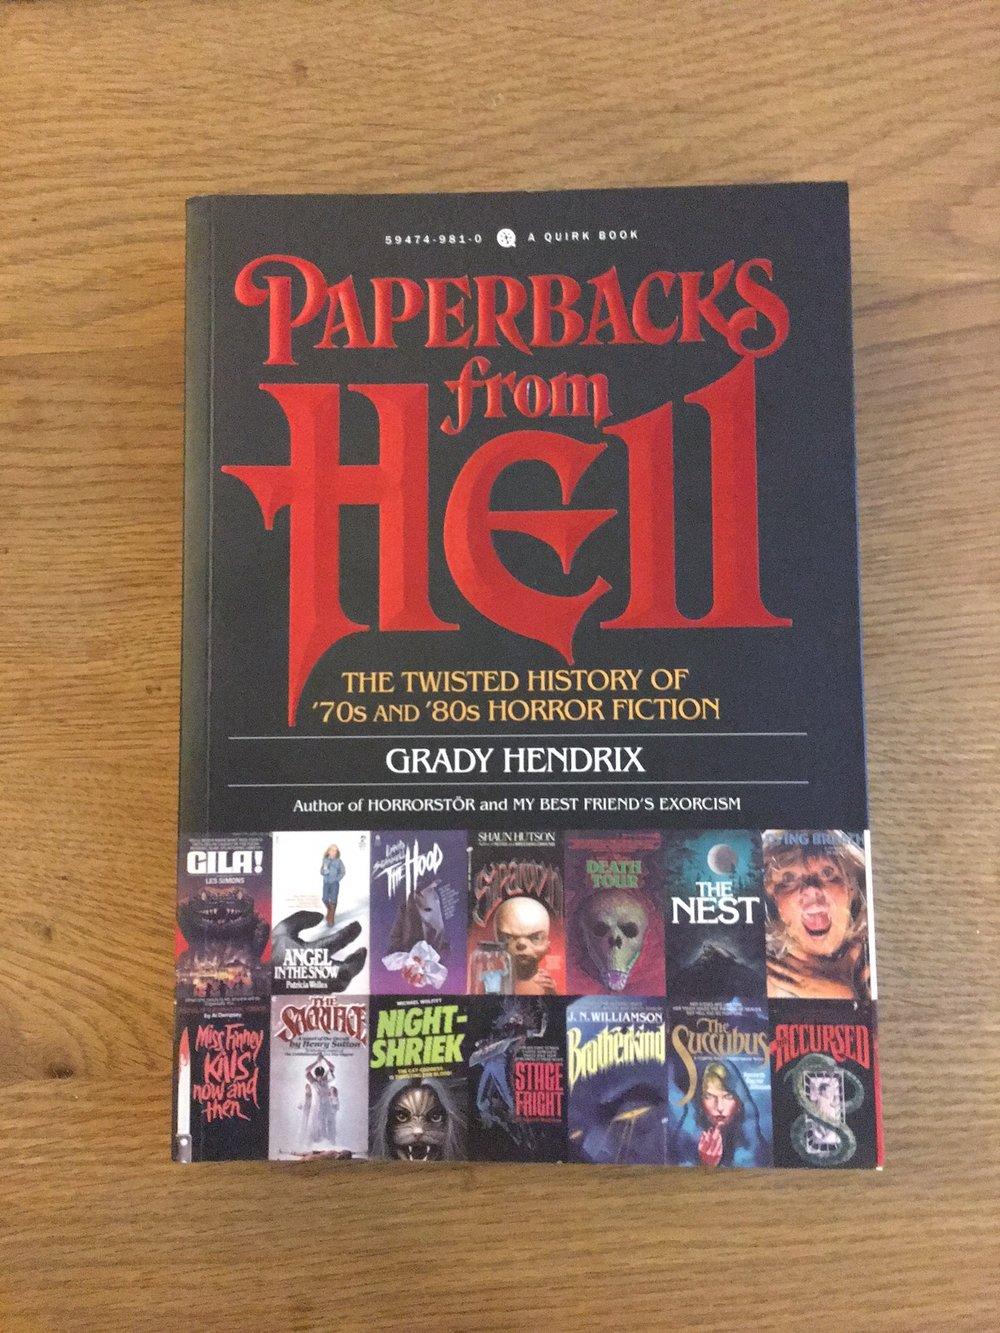 LB - Image - Horror Lounge - paperbacks from hell instagram image.JPG